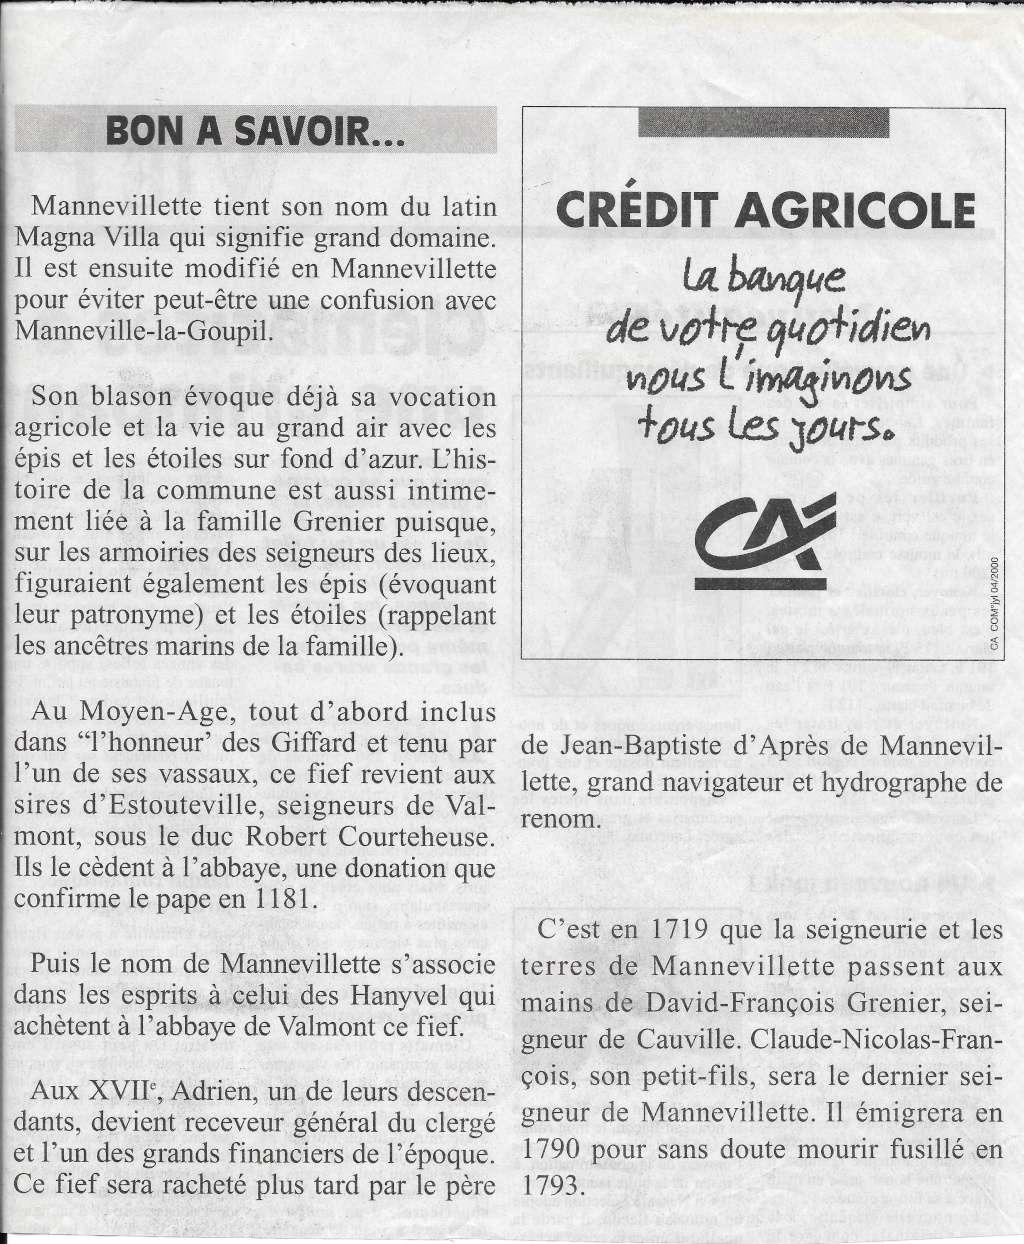 Histoire des communes - Mannevillette 228